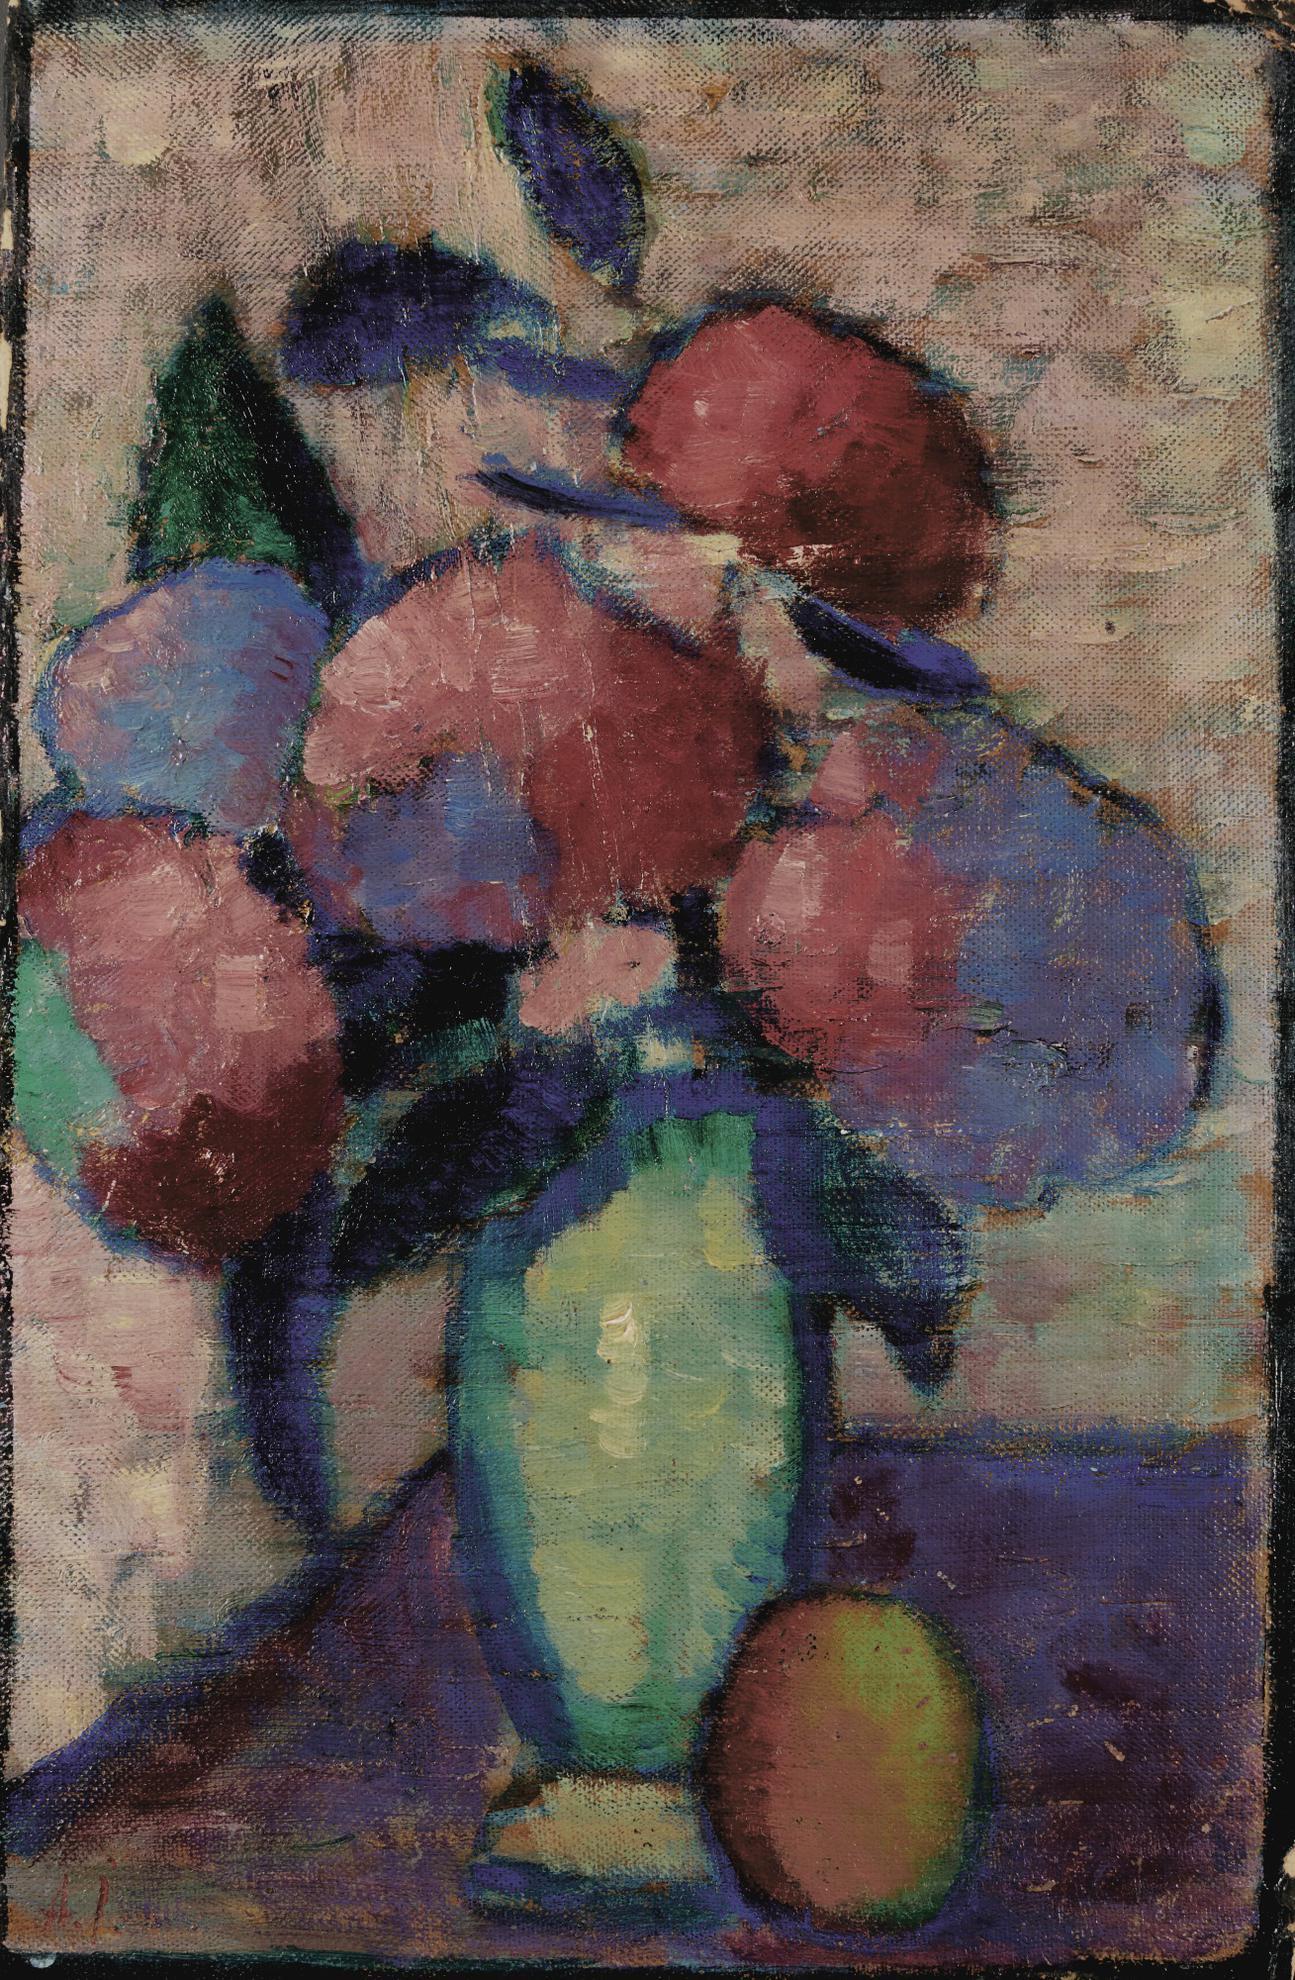 Alexej von Jawlensky-Stillleben: Blumen In Gruner Vase (Still Life: Flowers In Green Vase)-1930